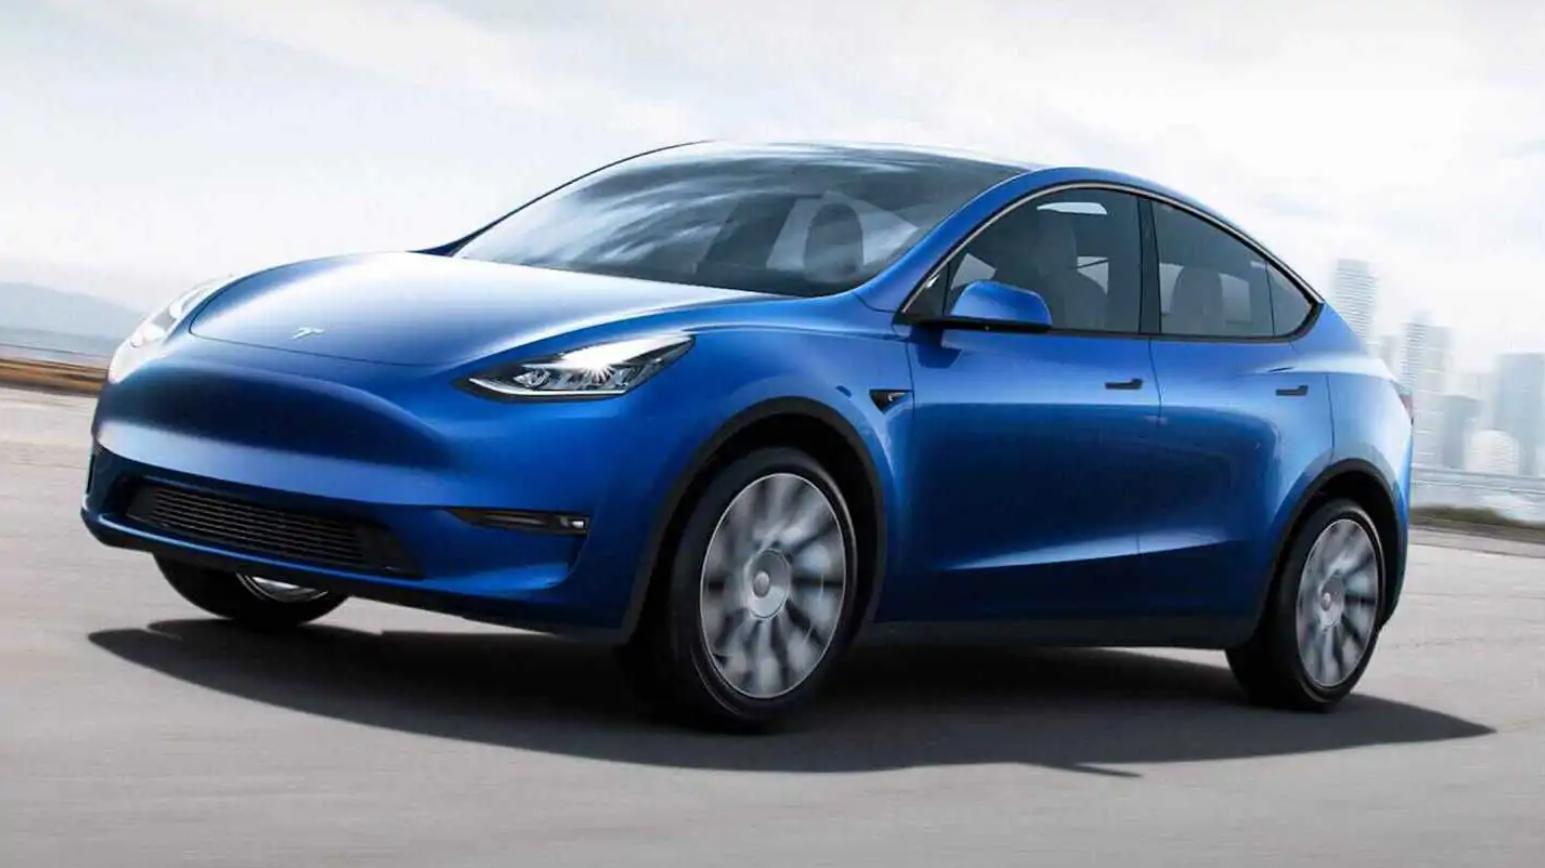 Tesla - номер один в опросе потребительских отчетов 2020 г.